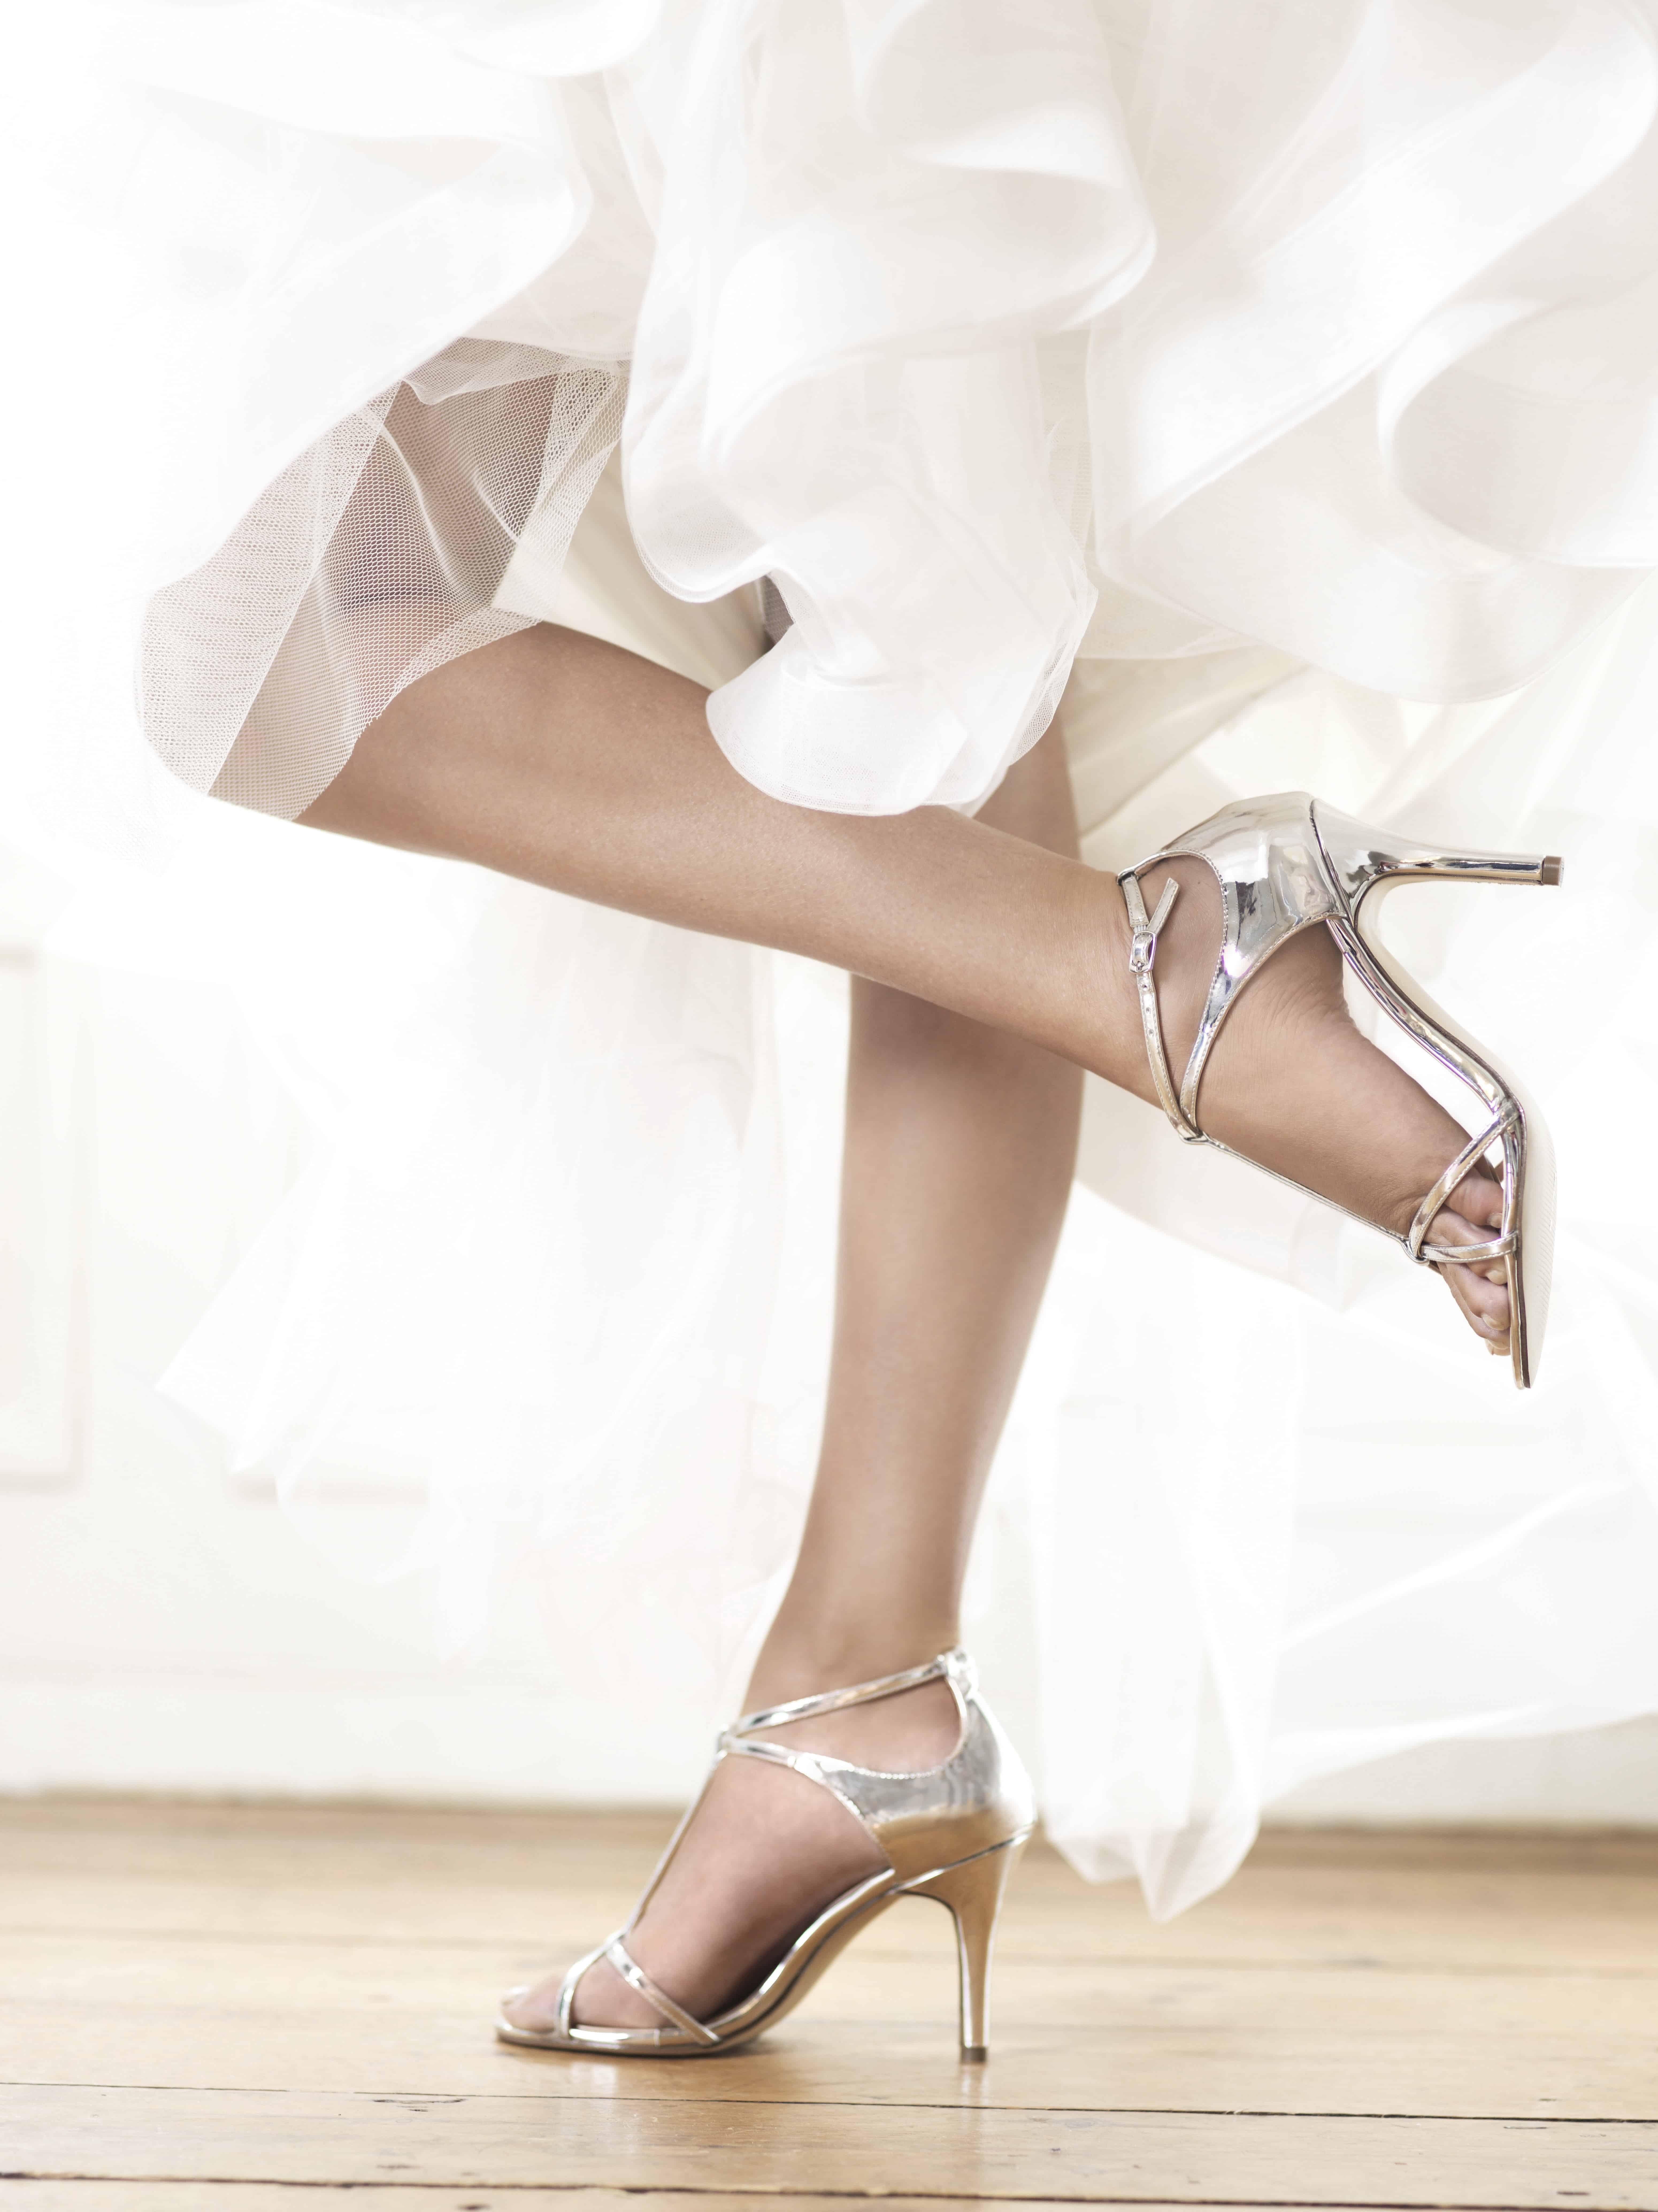 Bruidsschoenen Trouwschoenen Bruid Sandalen hoge hakken Zilver Grijs